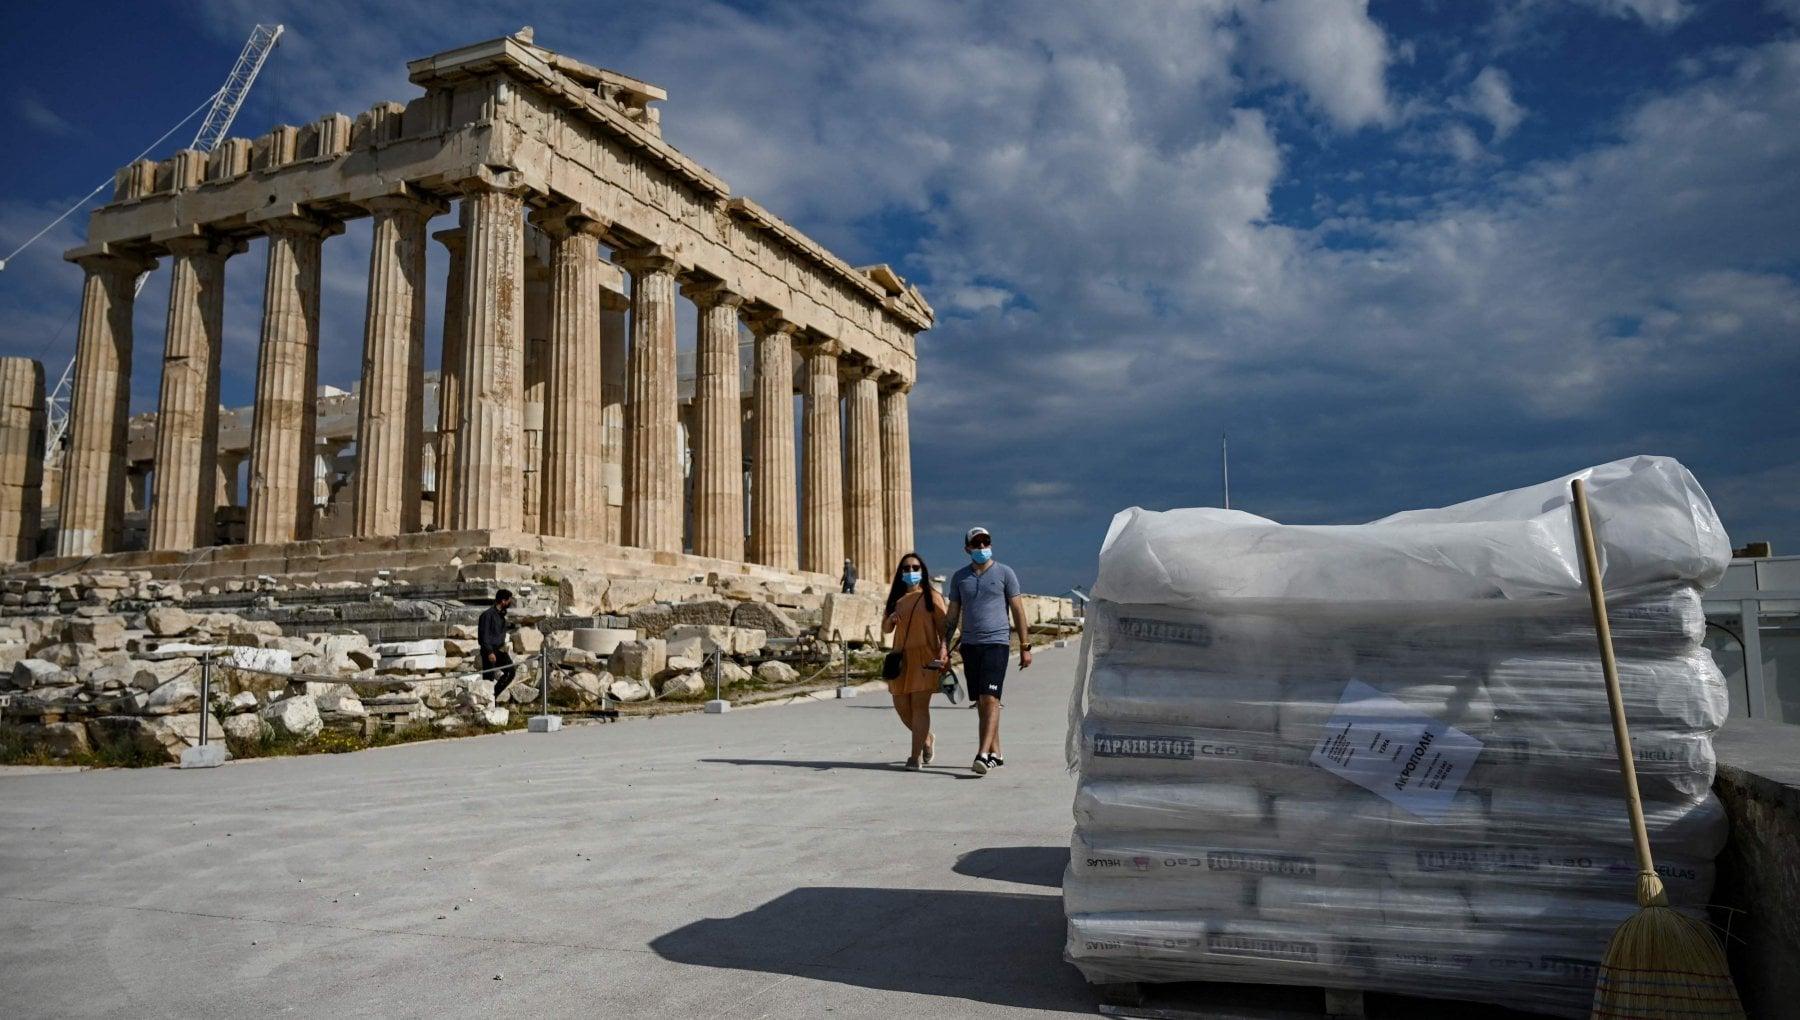 """223411944 f8c26082 d6fc 4030 abab f9c5e5262930 - """"Scempio all'Acropoli"""". Una strada di cemento divide la Grecia"""